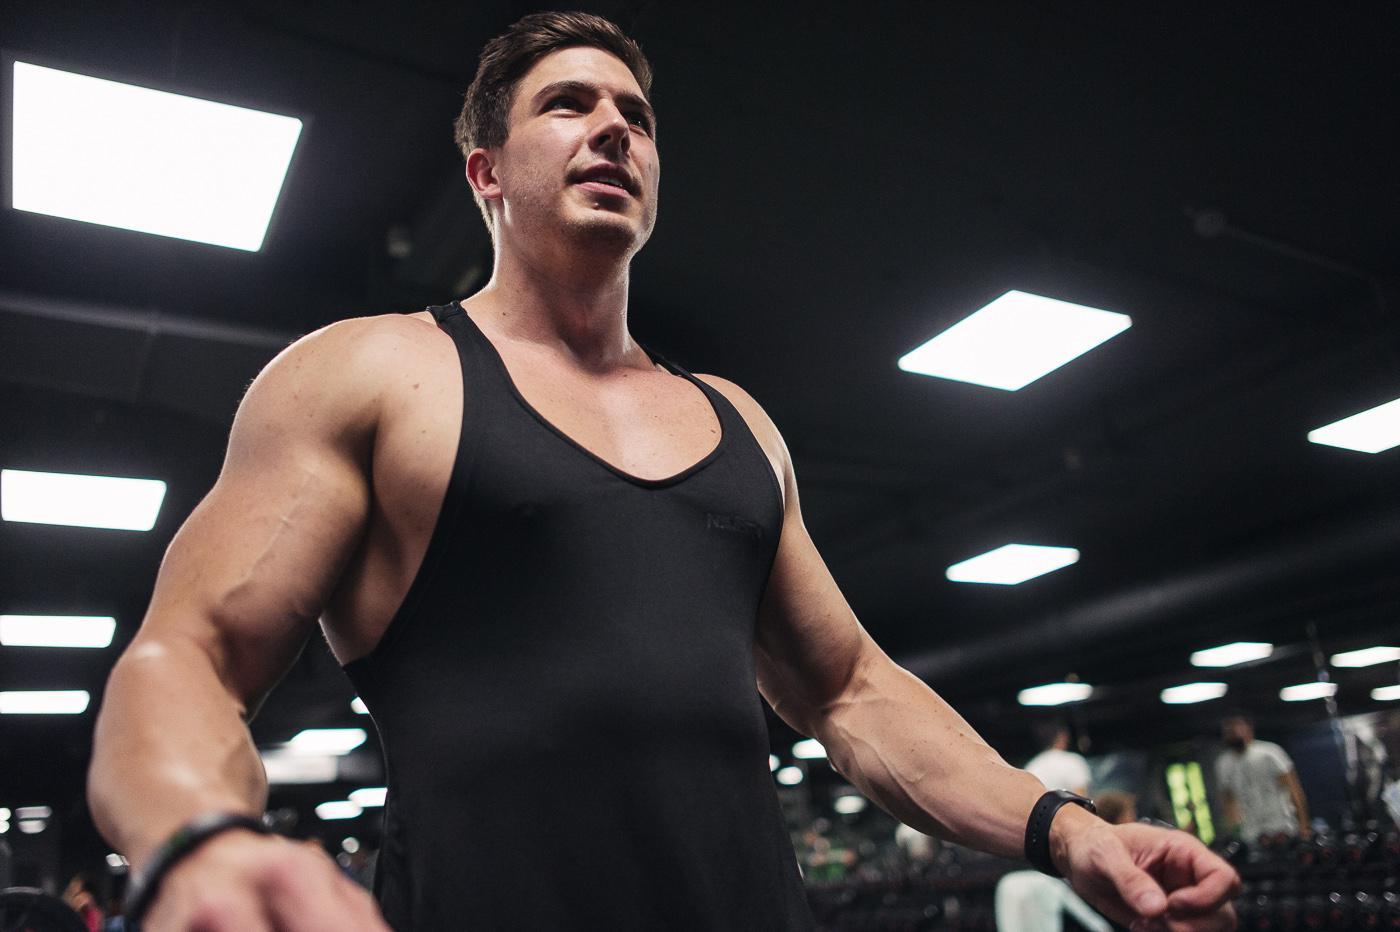 fitnessblog-fitnessblogger-fitness-blog-blogger-stuttgart-dreamteamfitness-die-masse-kommt-2